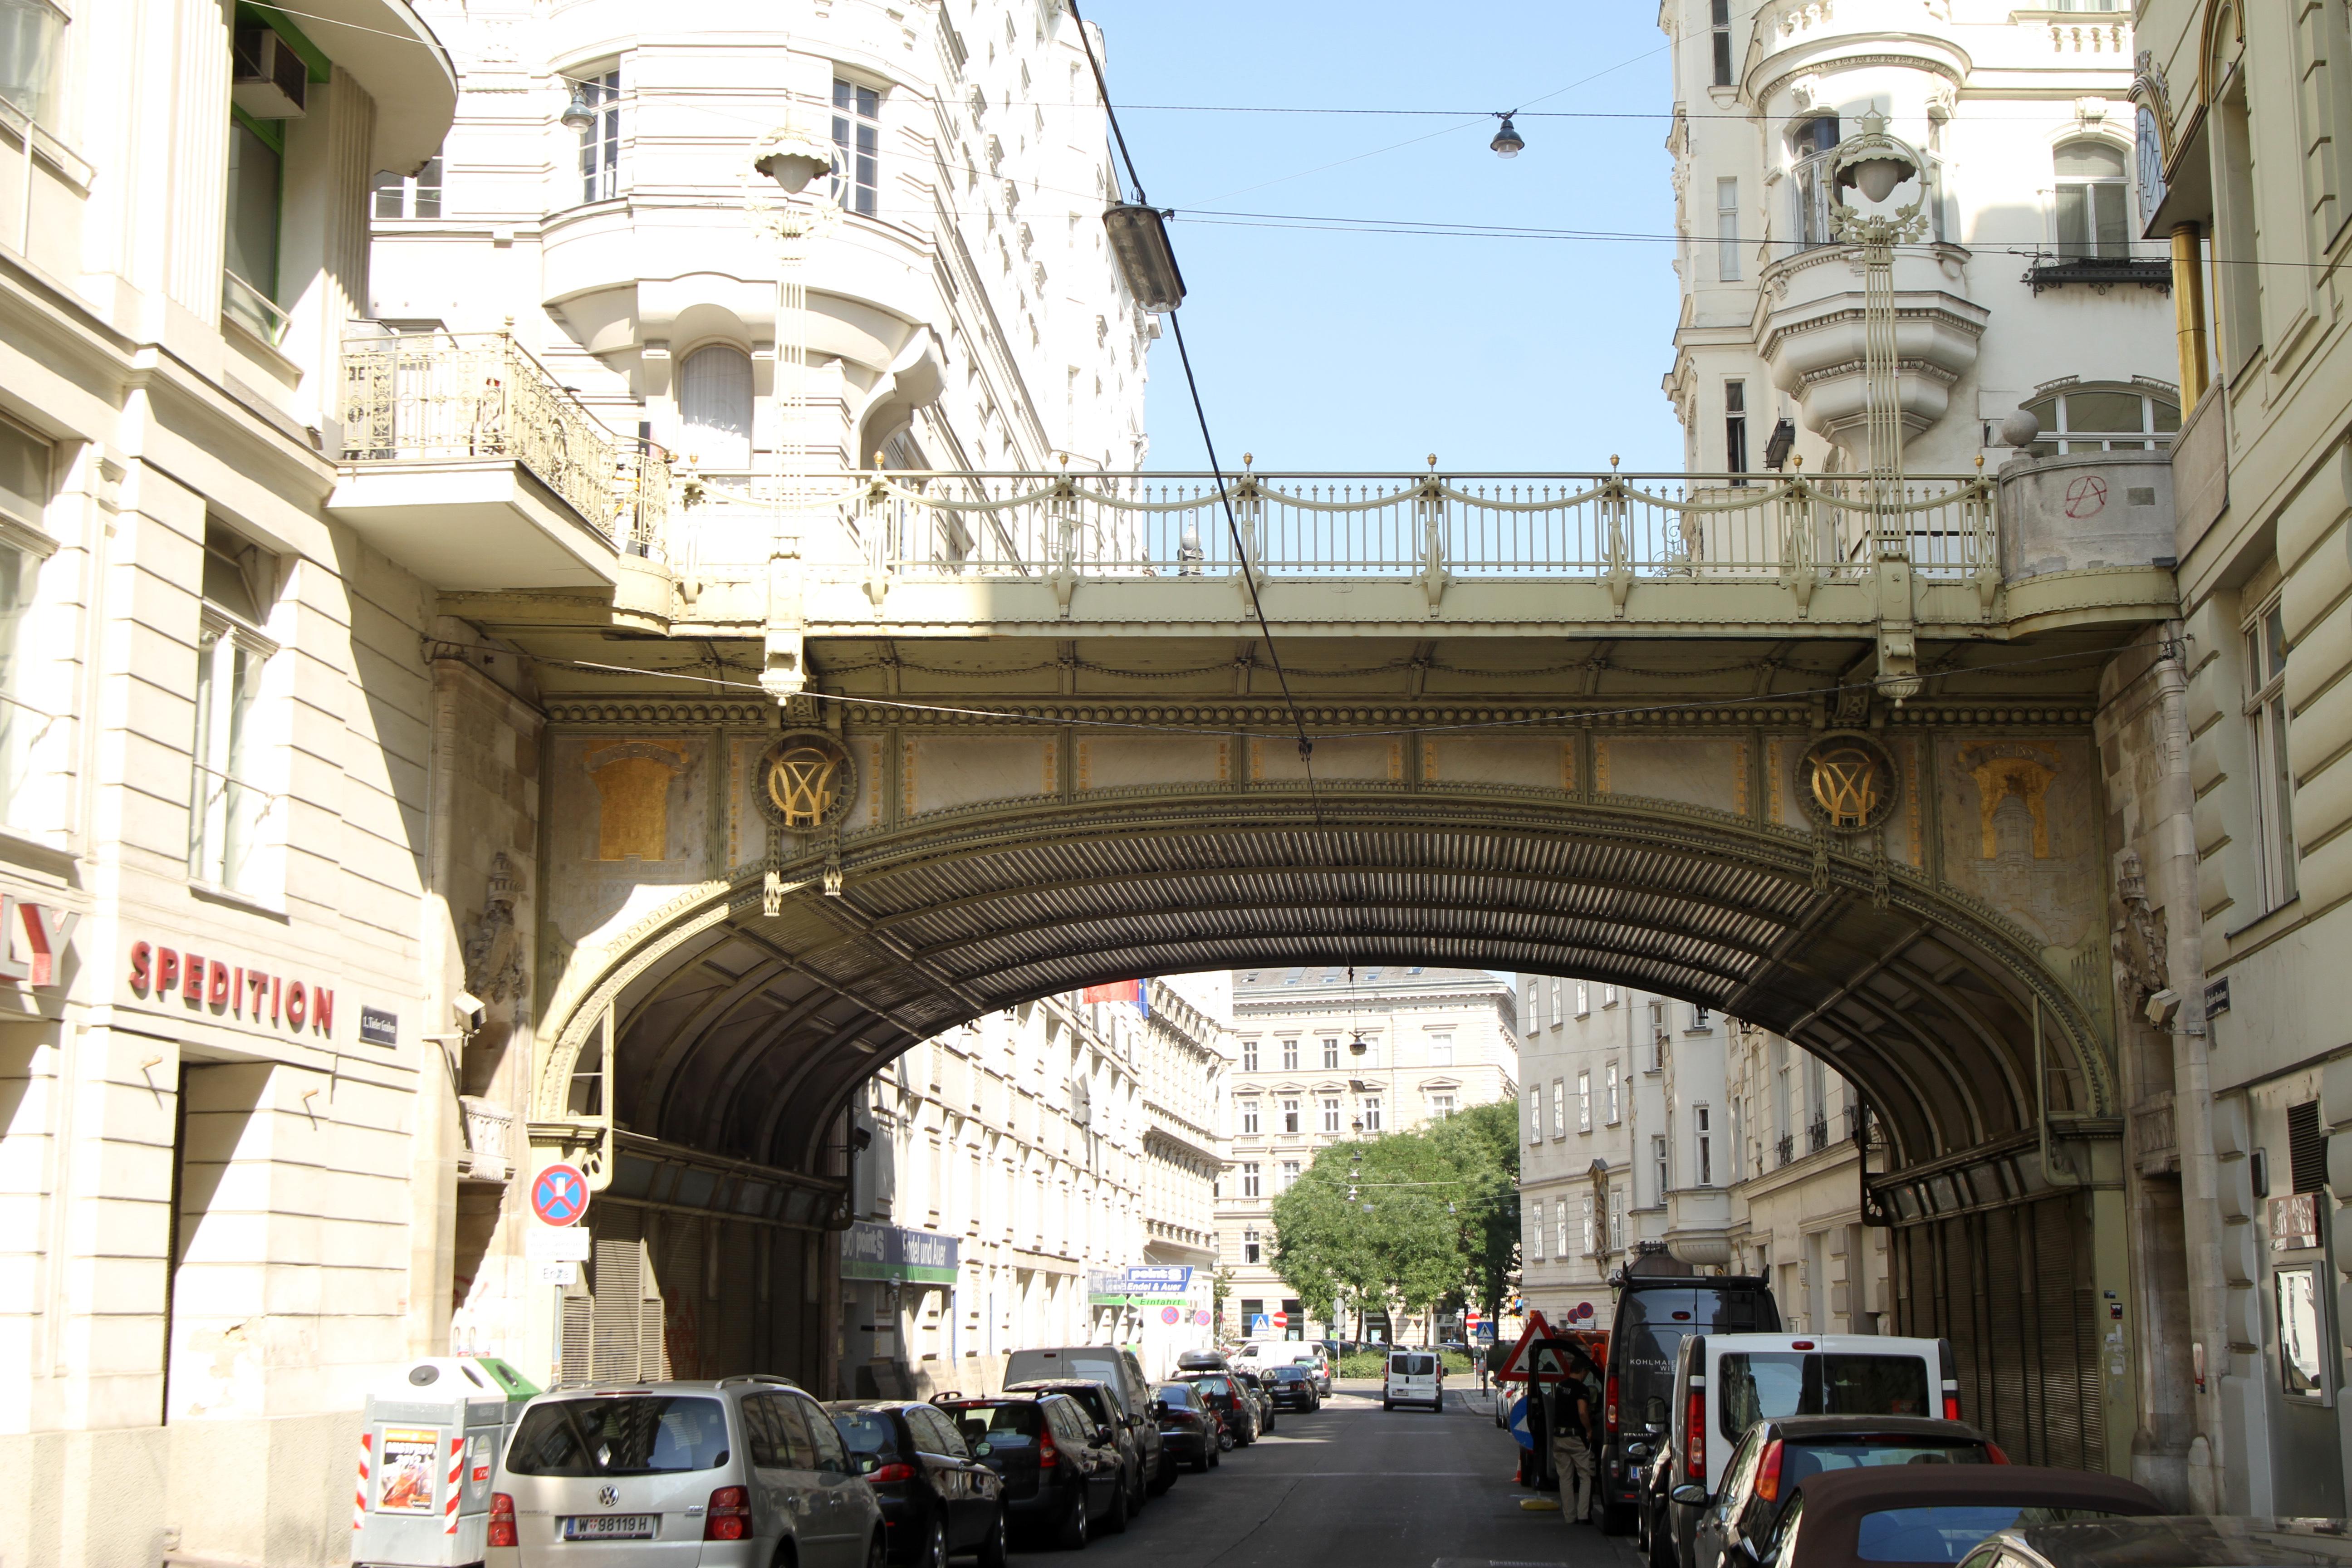 Hohe Brücke IMG 5803.JPG